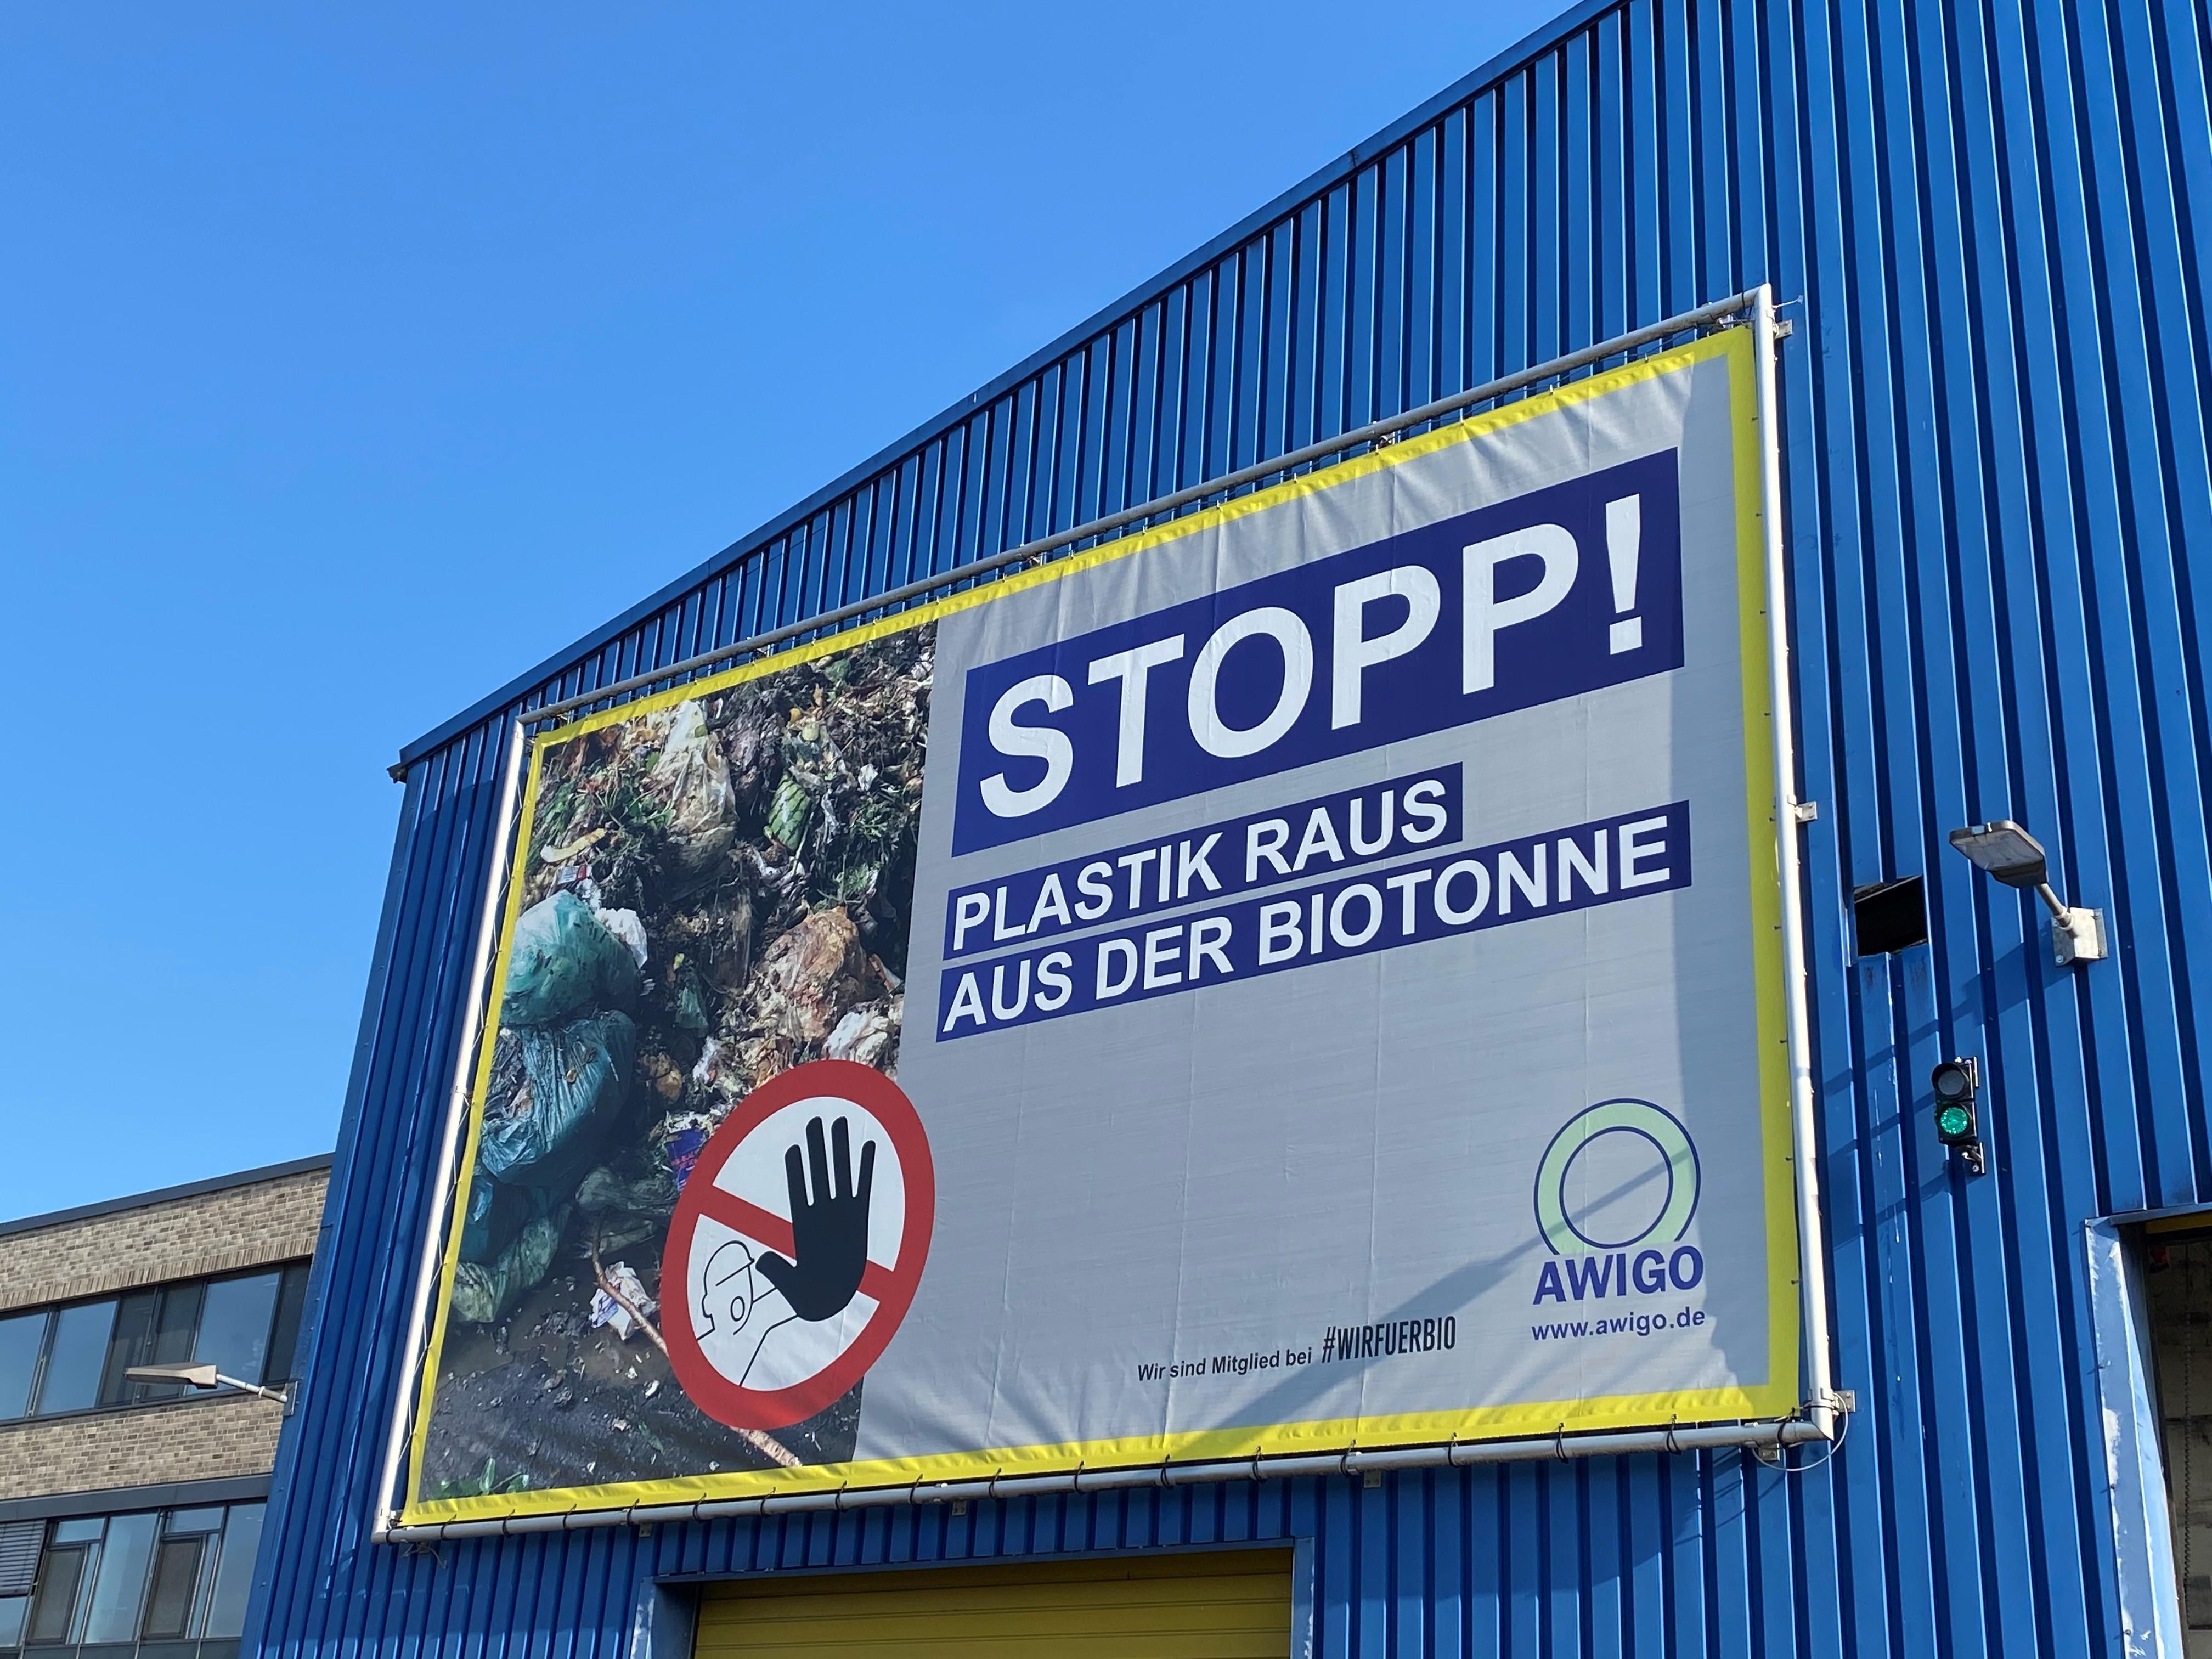 So soll der Bioabfall nicht länger aussehen: Mit neuen Großbannern auf den AWIGO-Recyclinghöfen wird auf das Problem von Plastik in Bioabfällen hingewiesen.